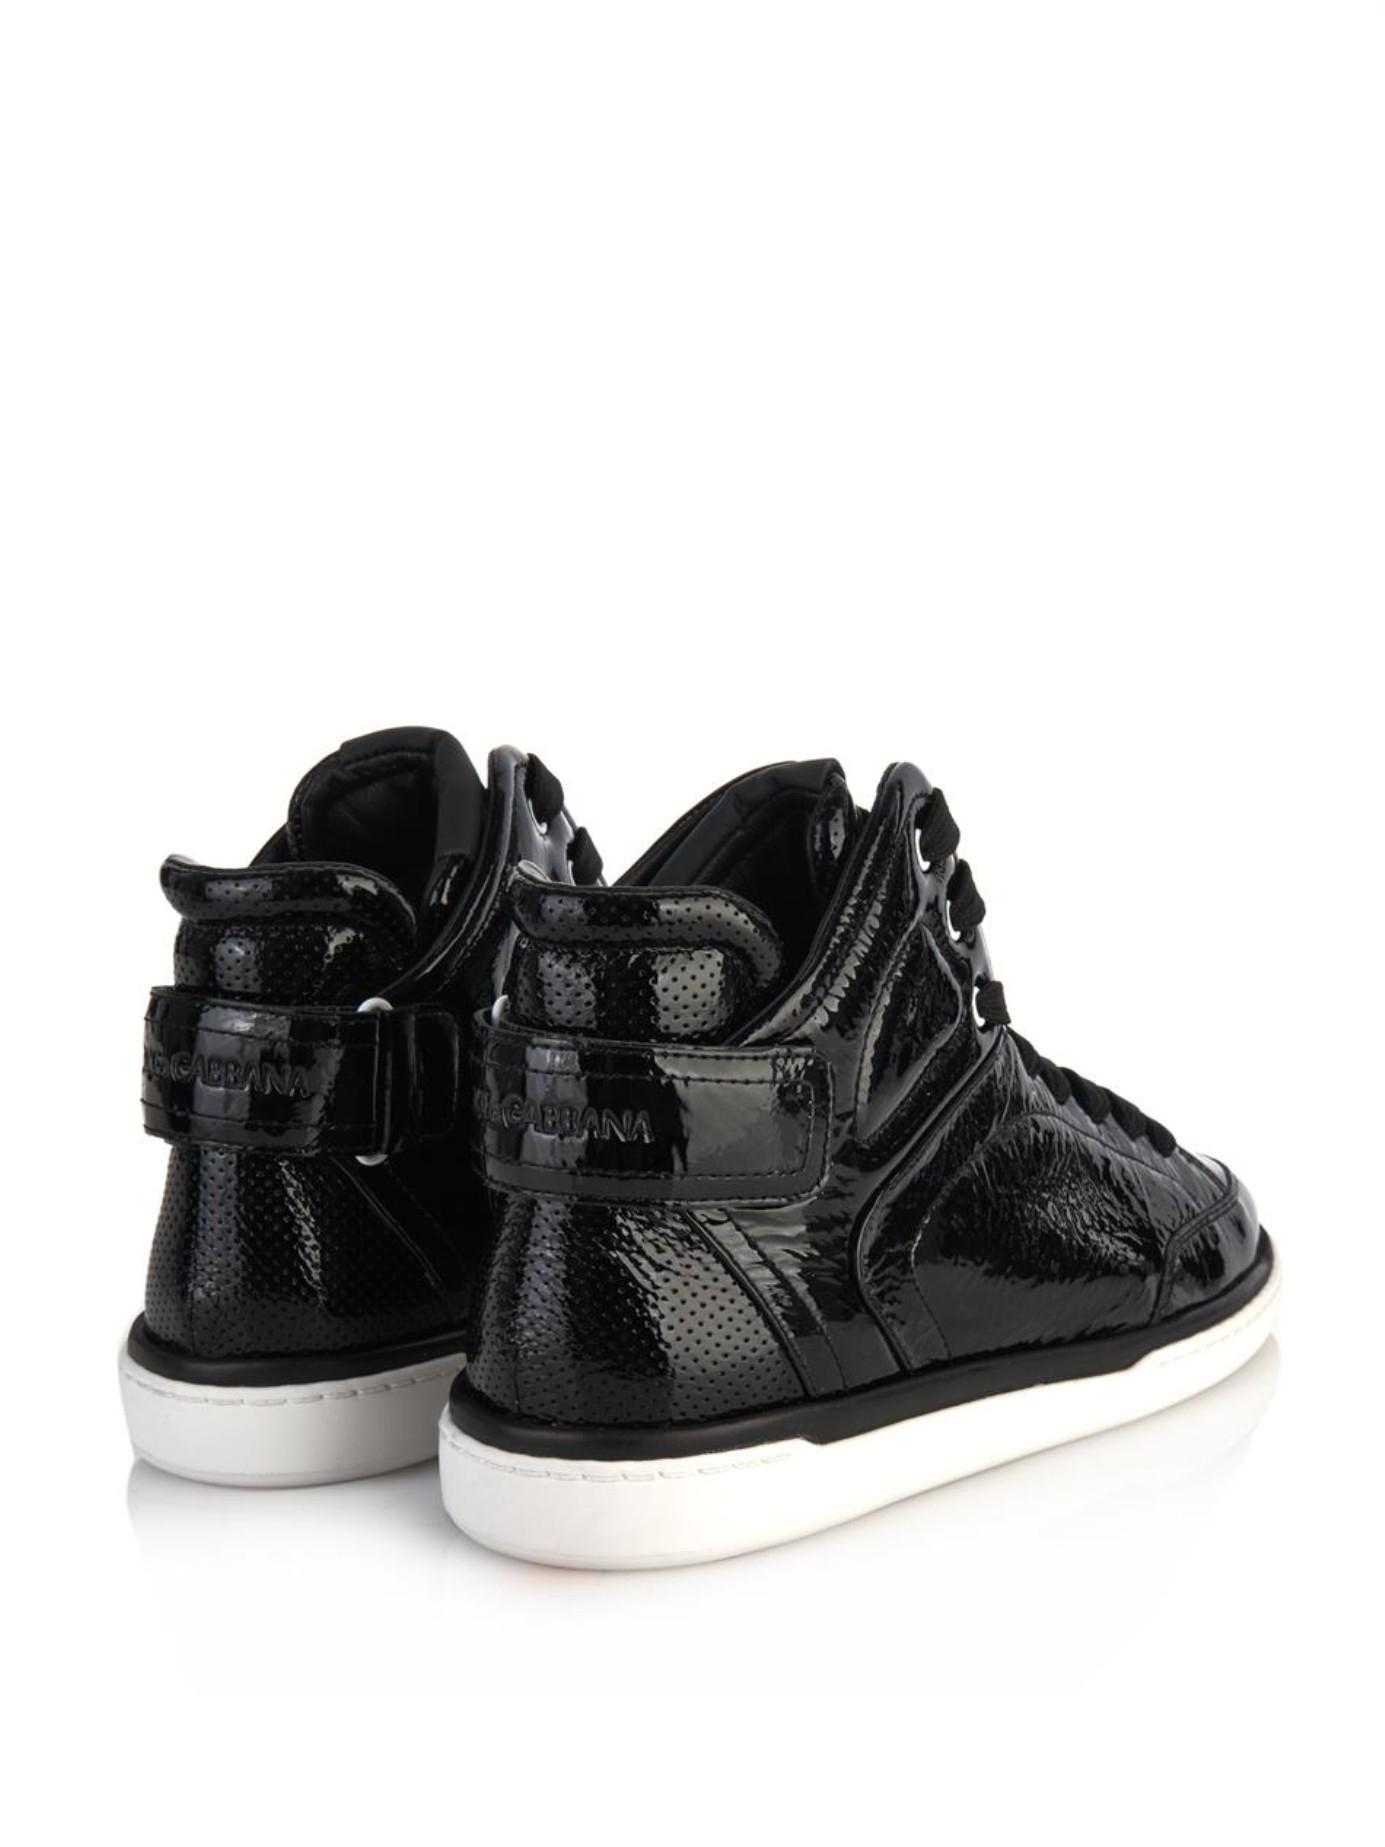 Dolce & Gabbana Patent Leather Top jwJY8dwHez